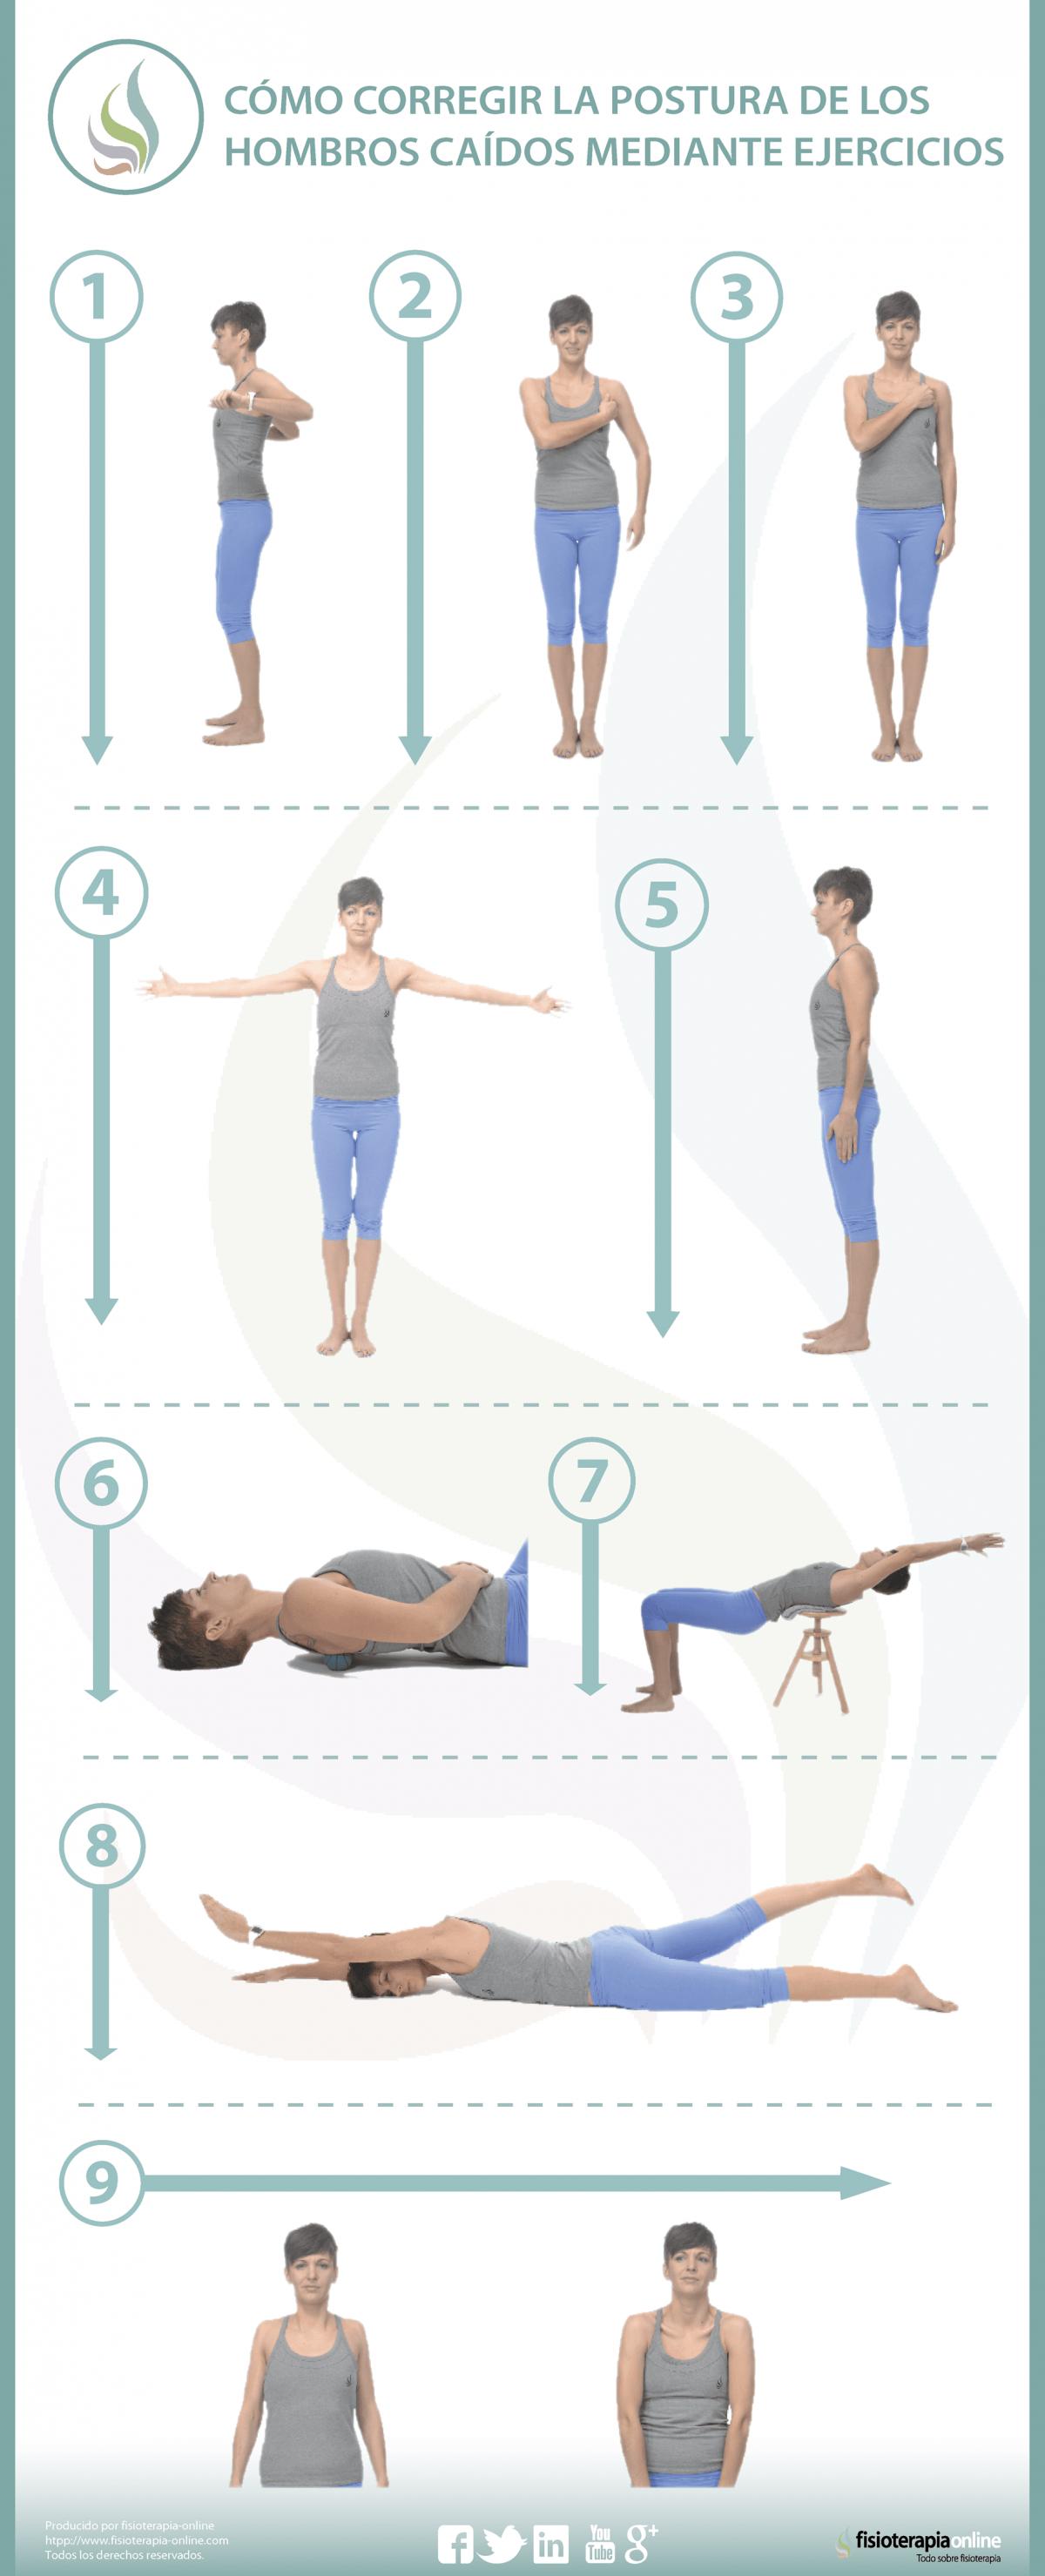 como corregir los hombros adelantados mediante ejercicios